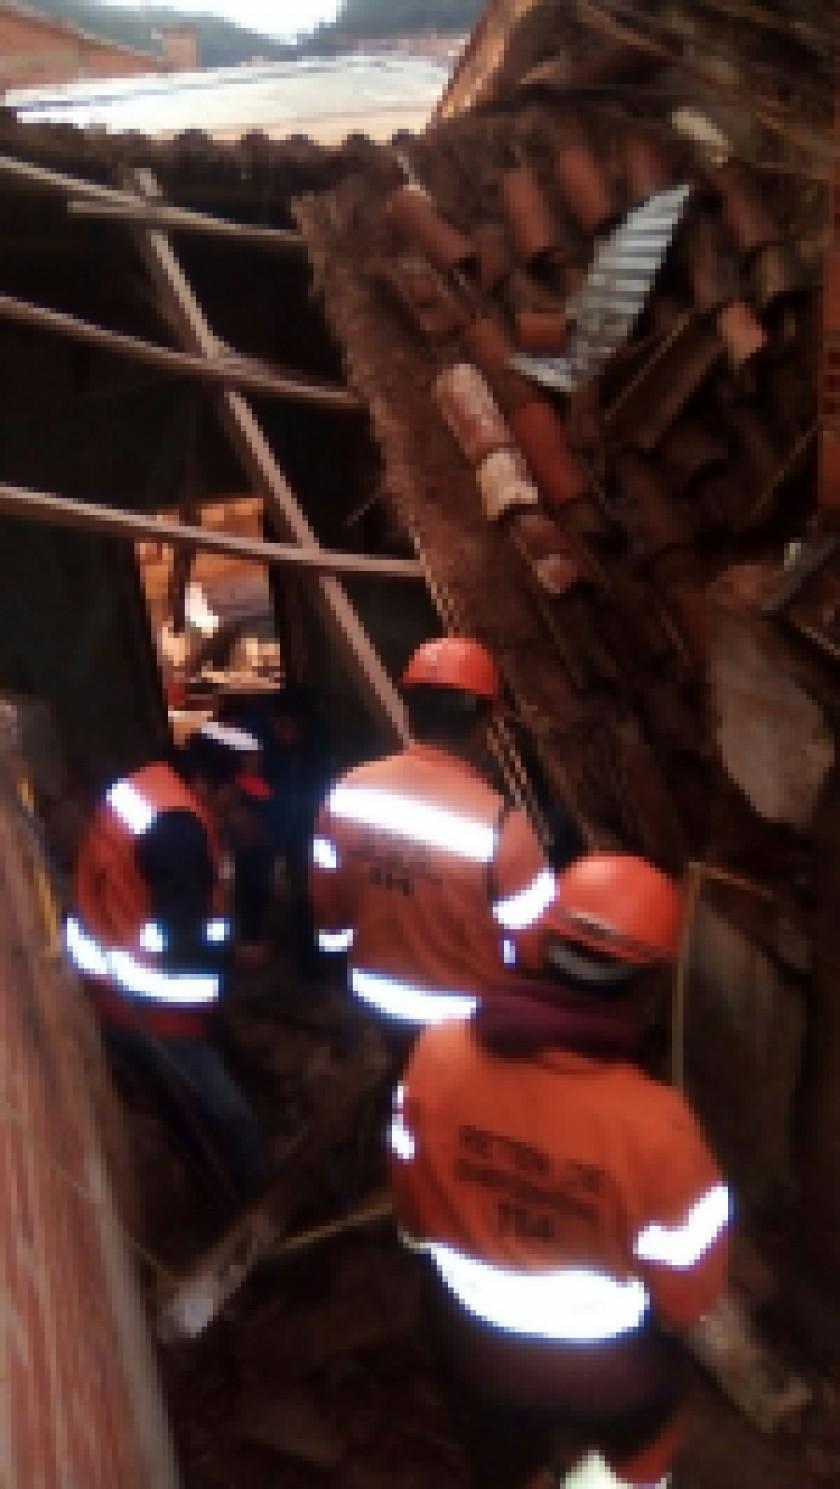 El techo desplomado. FOTO: Gentileza de la Unidad de Riesgos